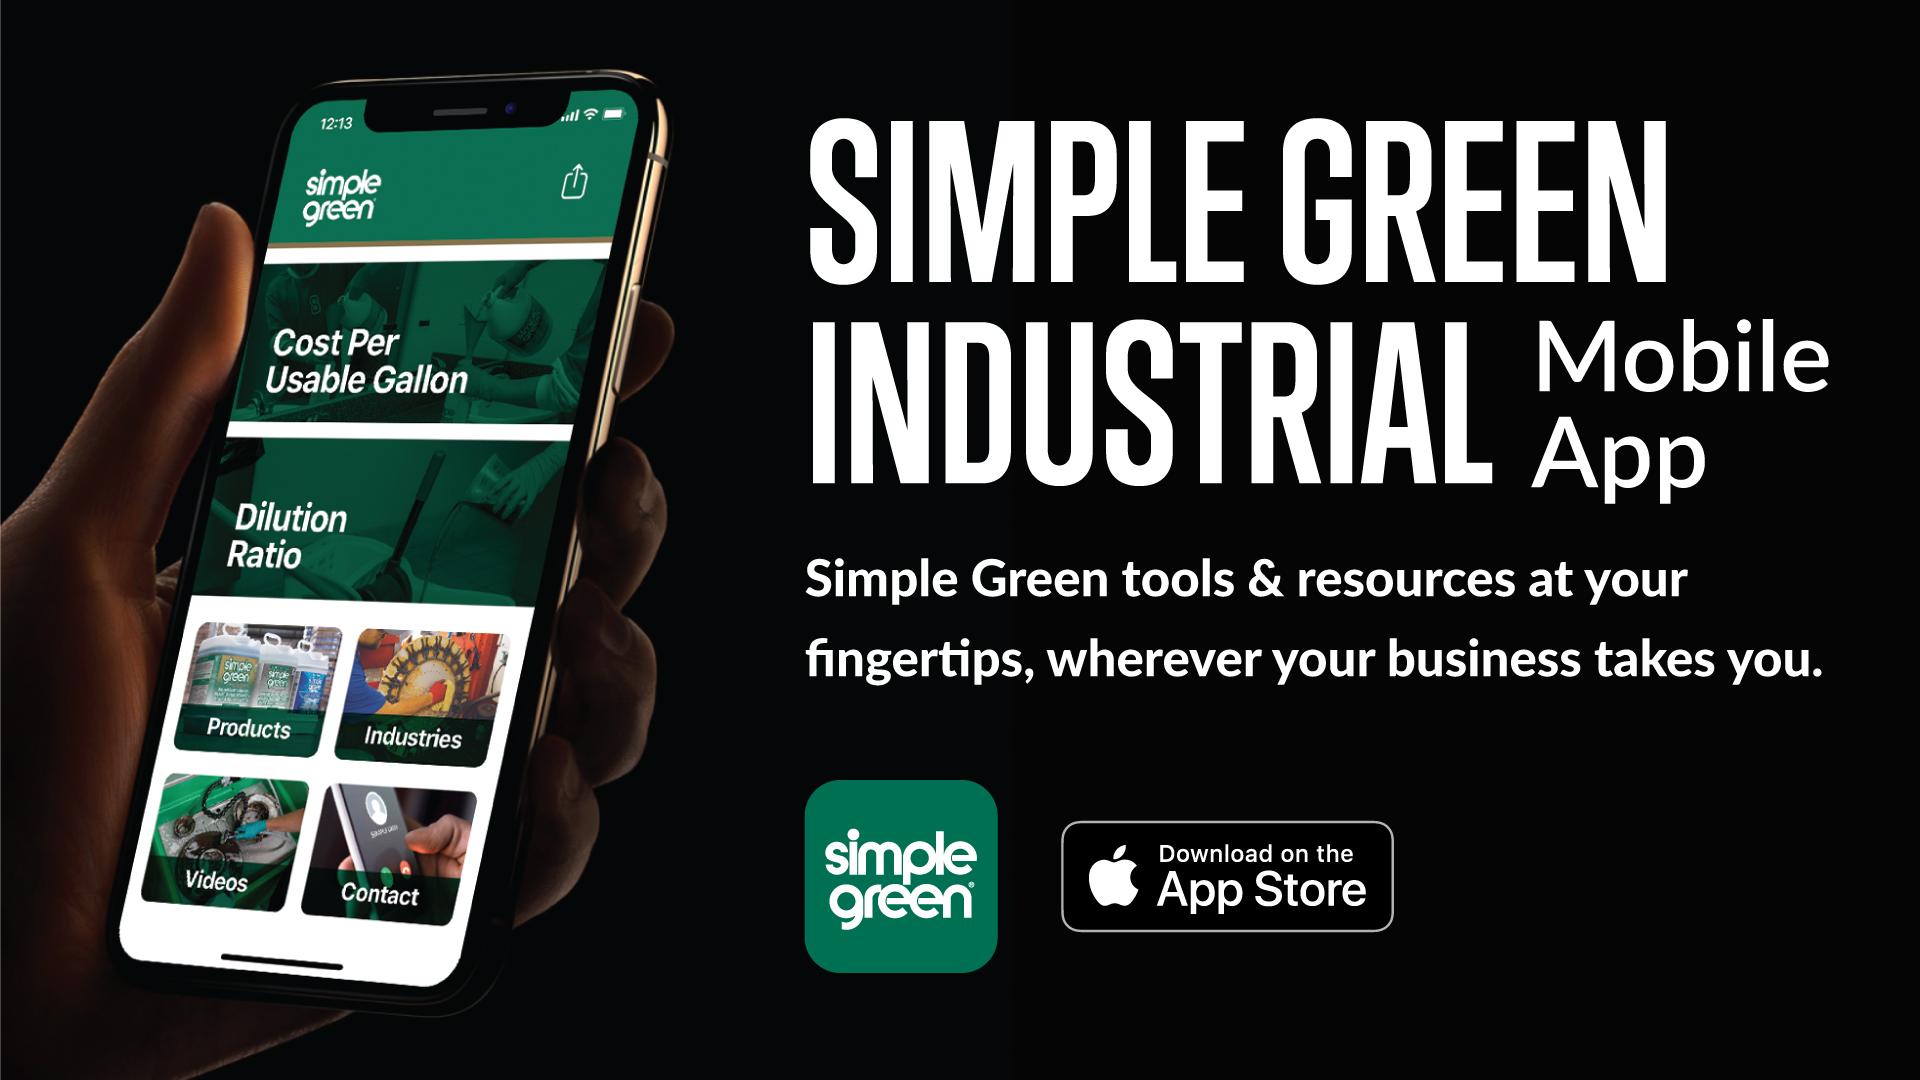 Simple Green Industrial App